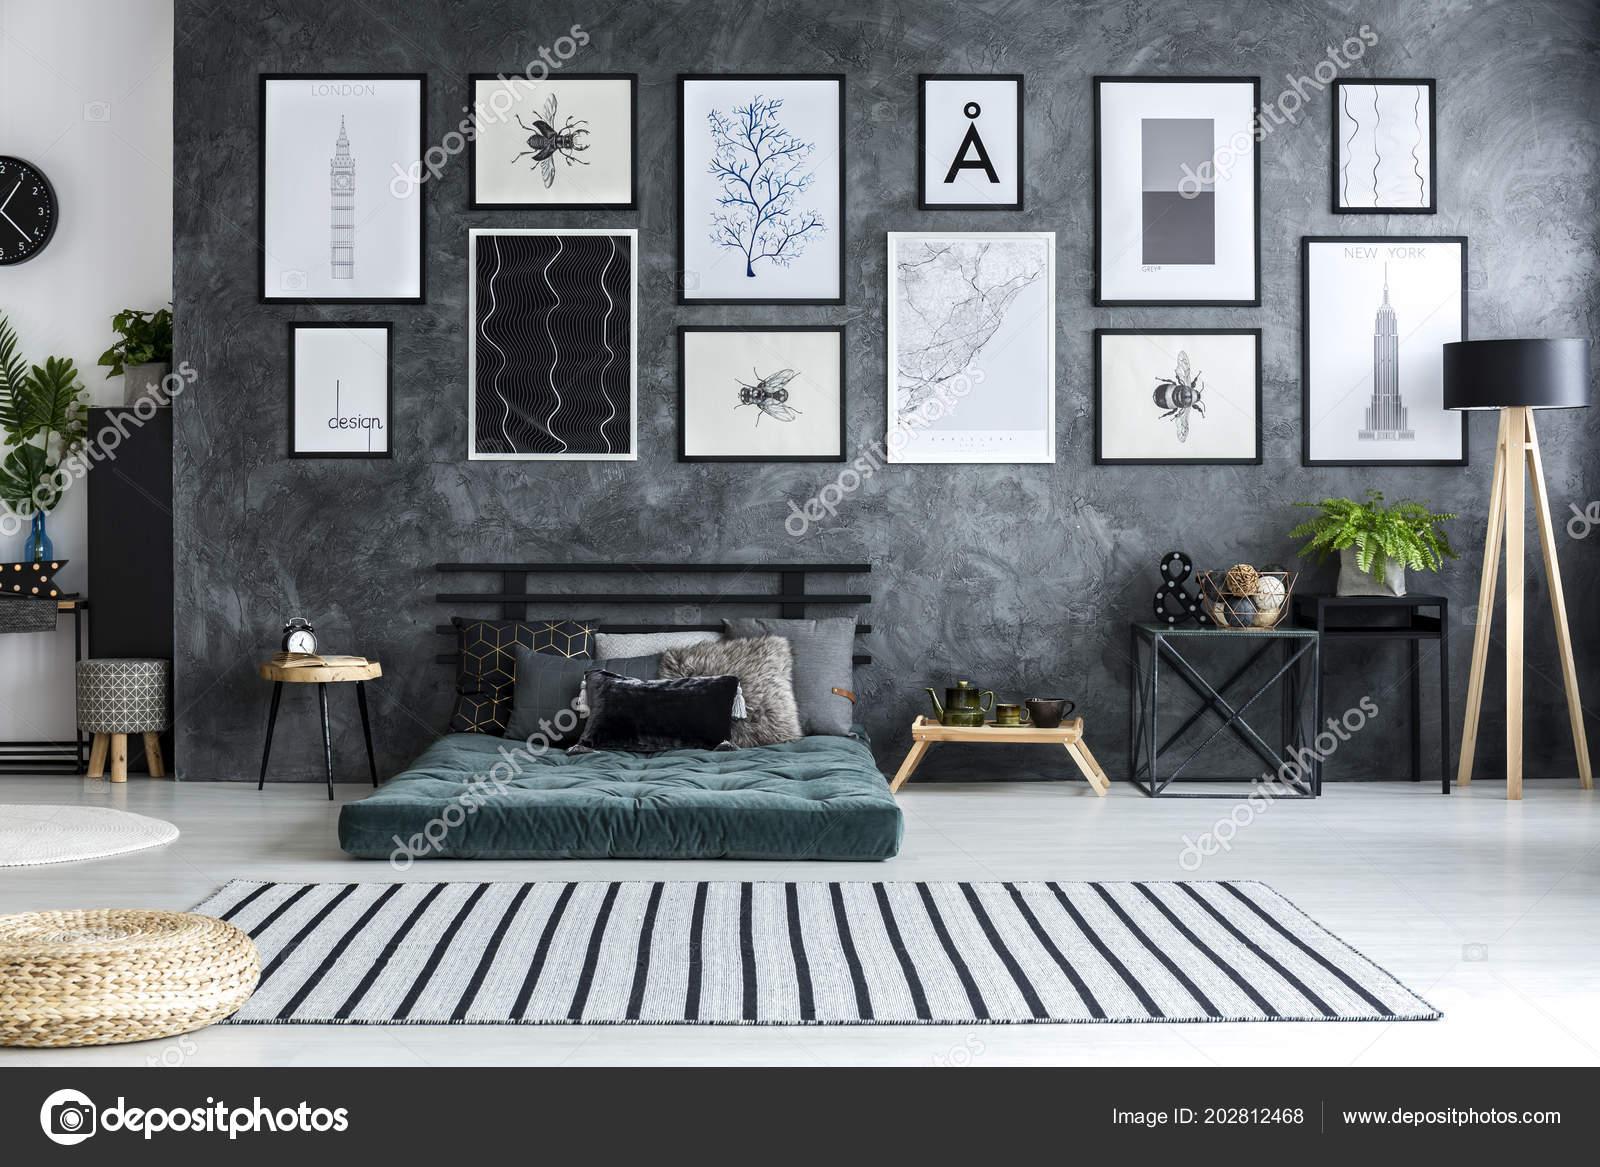 Gestreiften Teppich Innen Geräumiges Apartment Mit Grünen Futon Mit ...